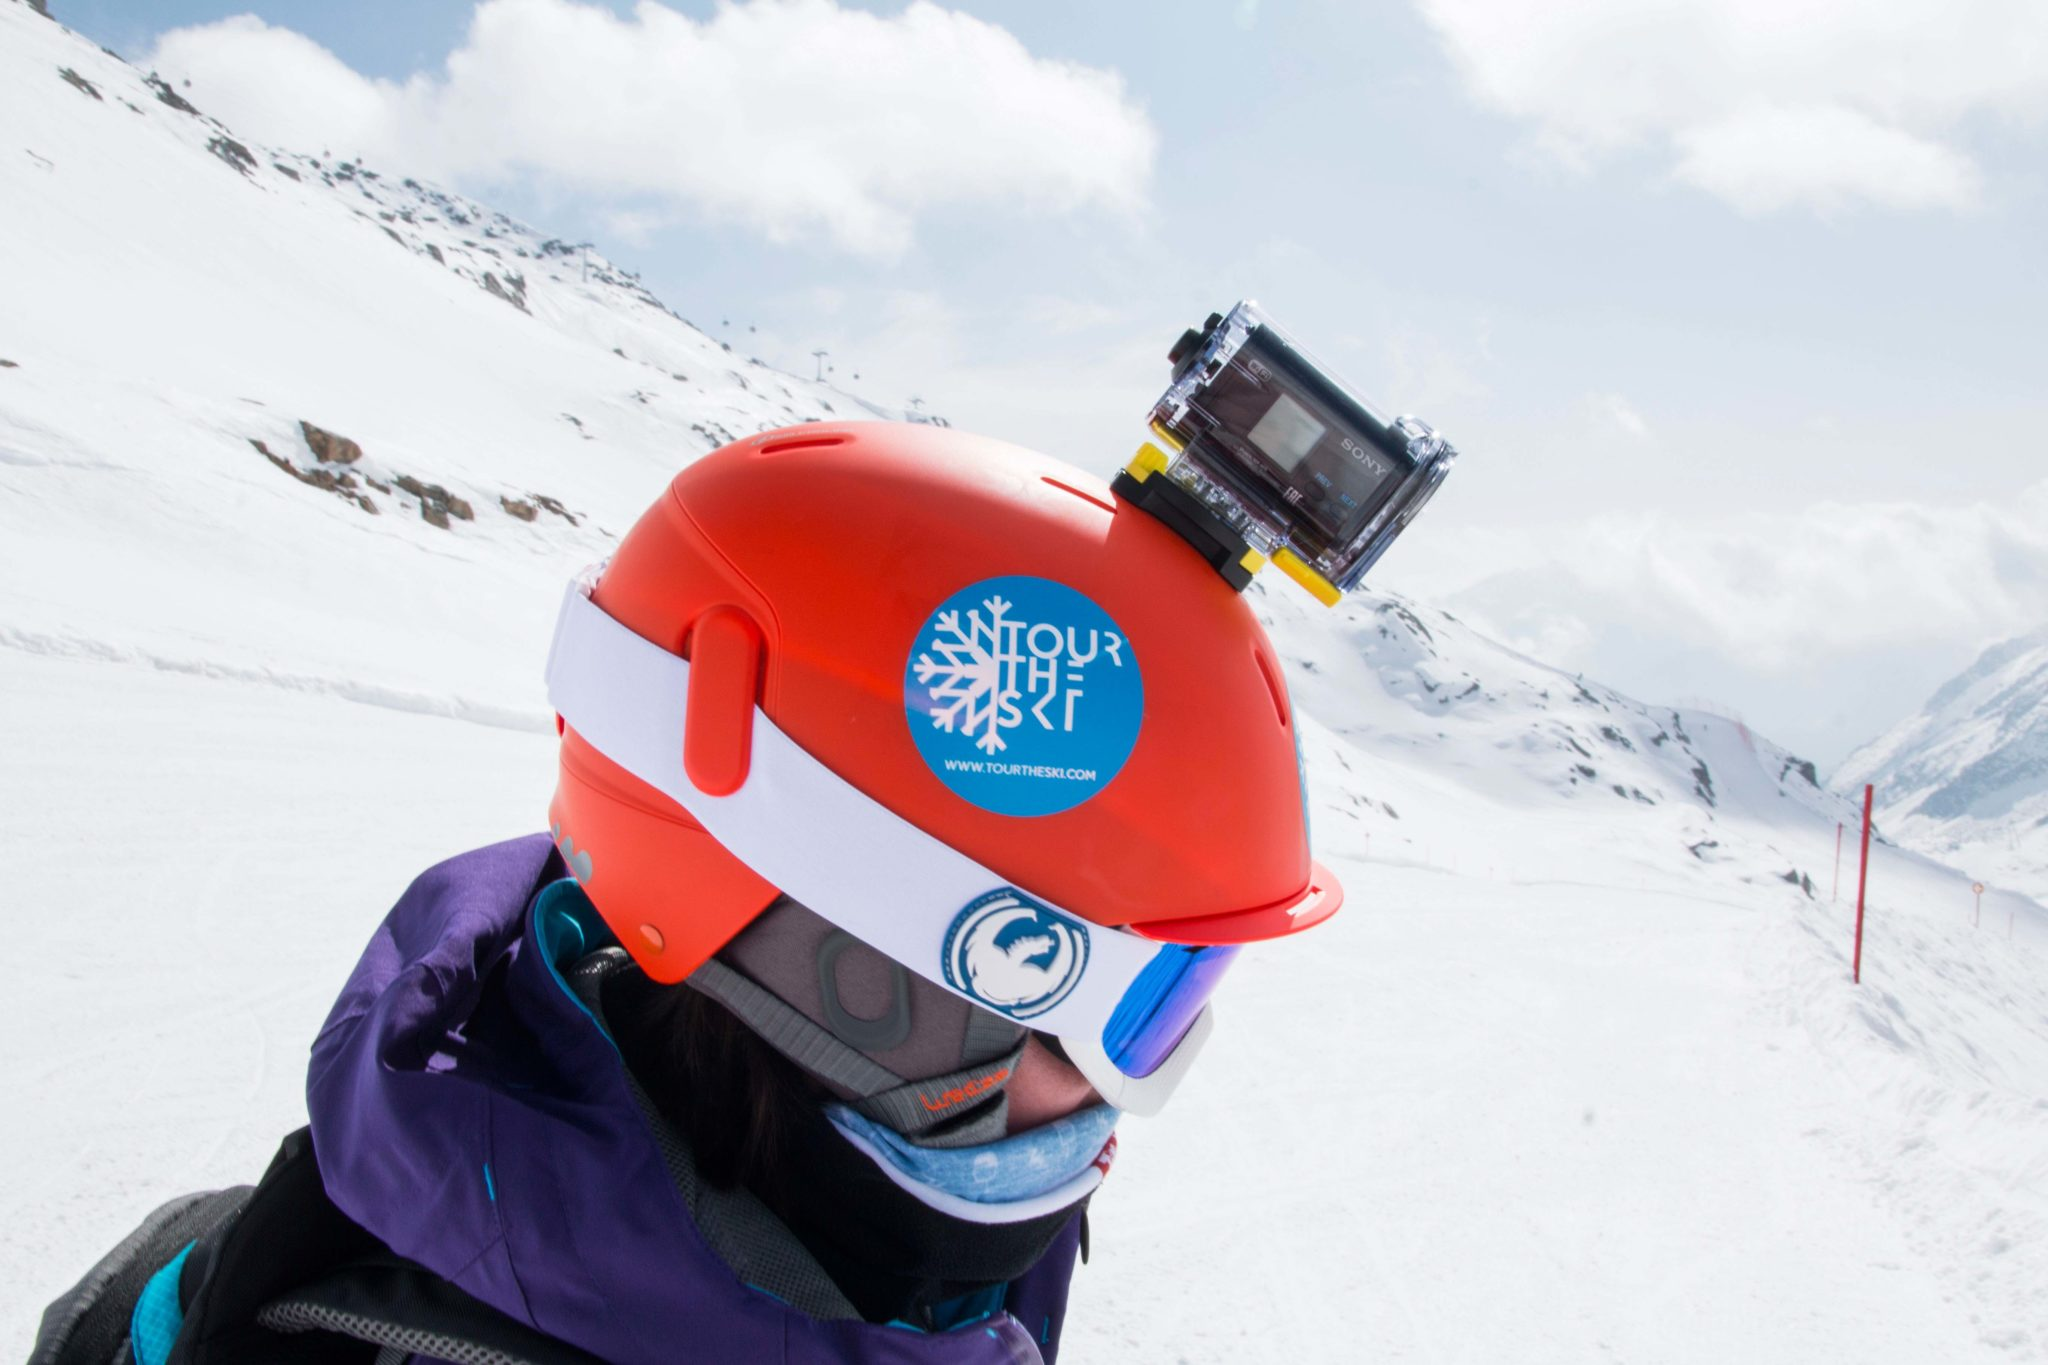 tour the ski - Austria 2015